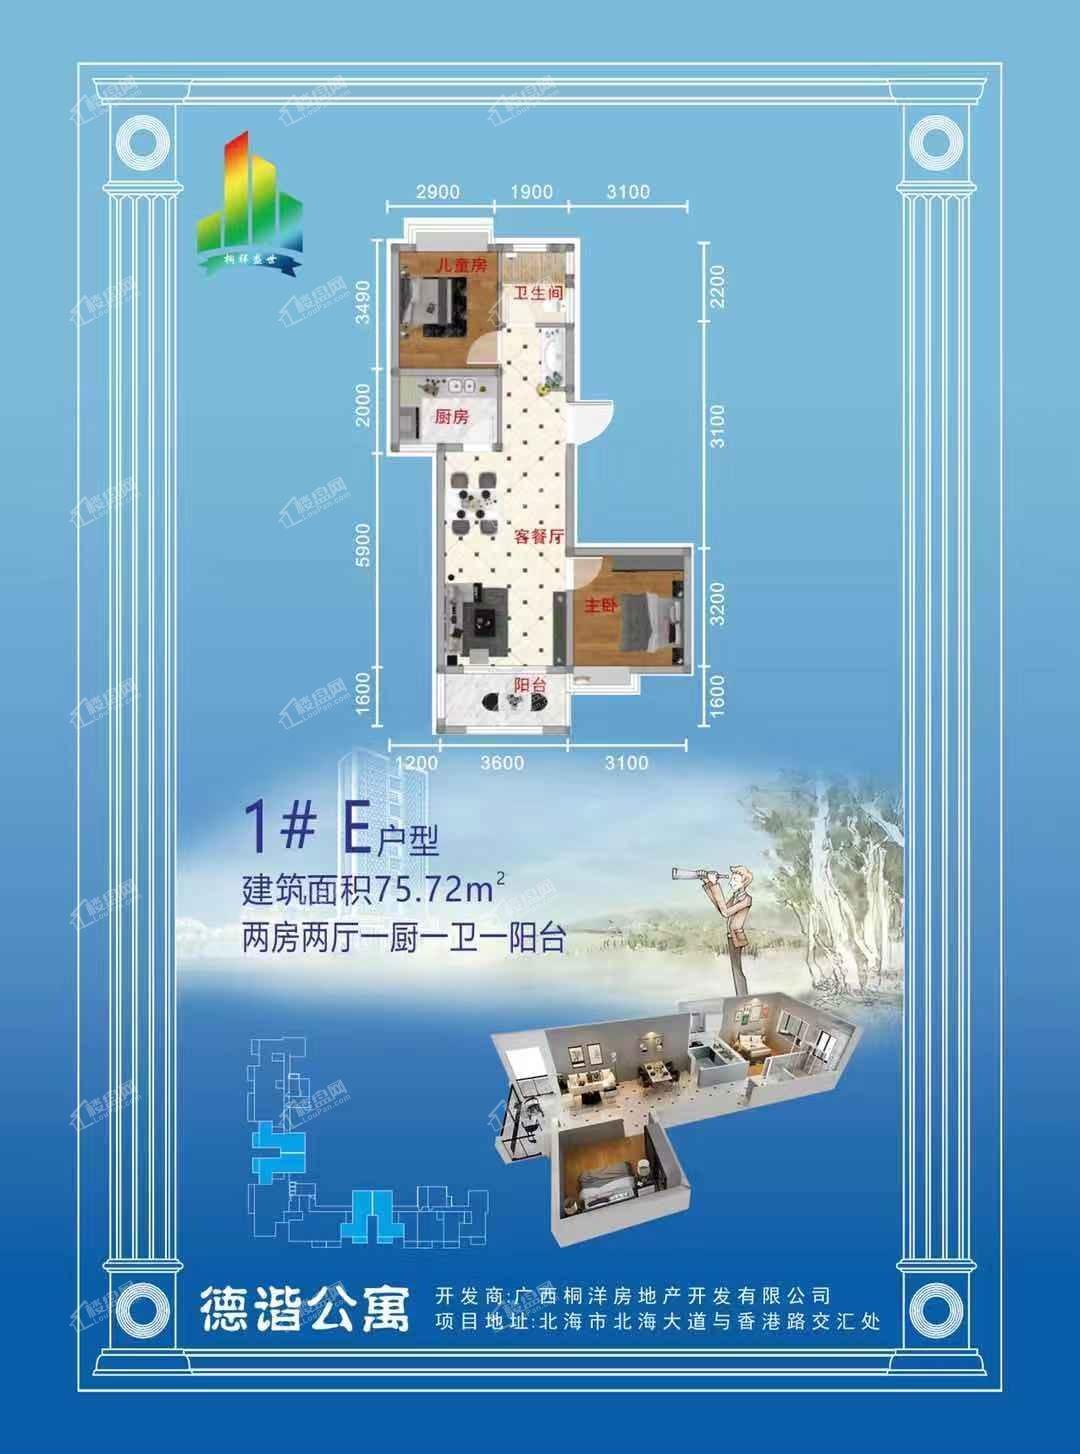 德谐公寓1#E户型75.72㎡